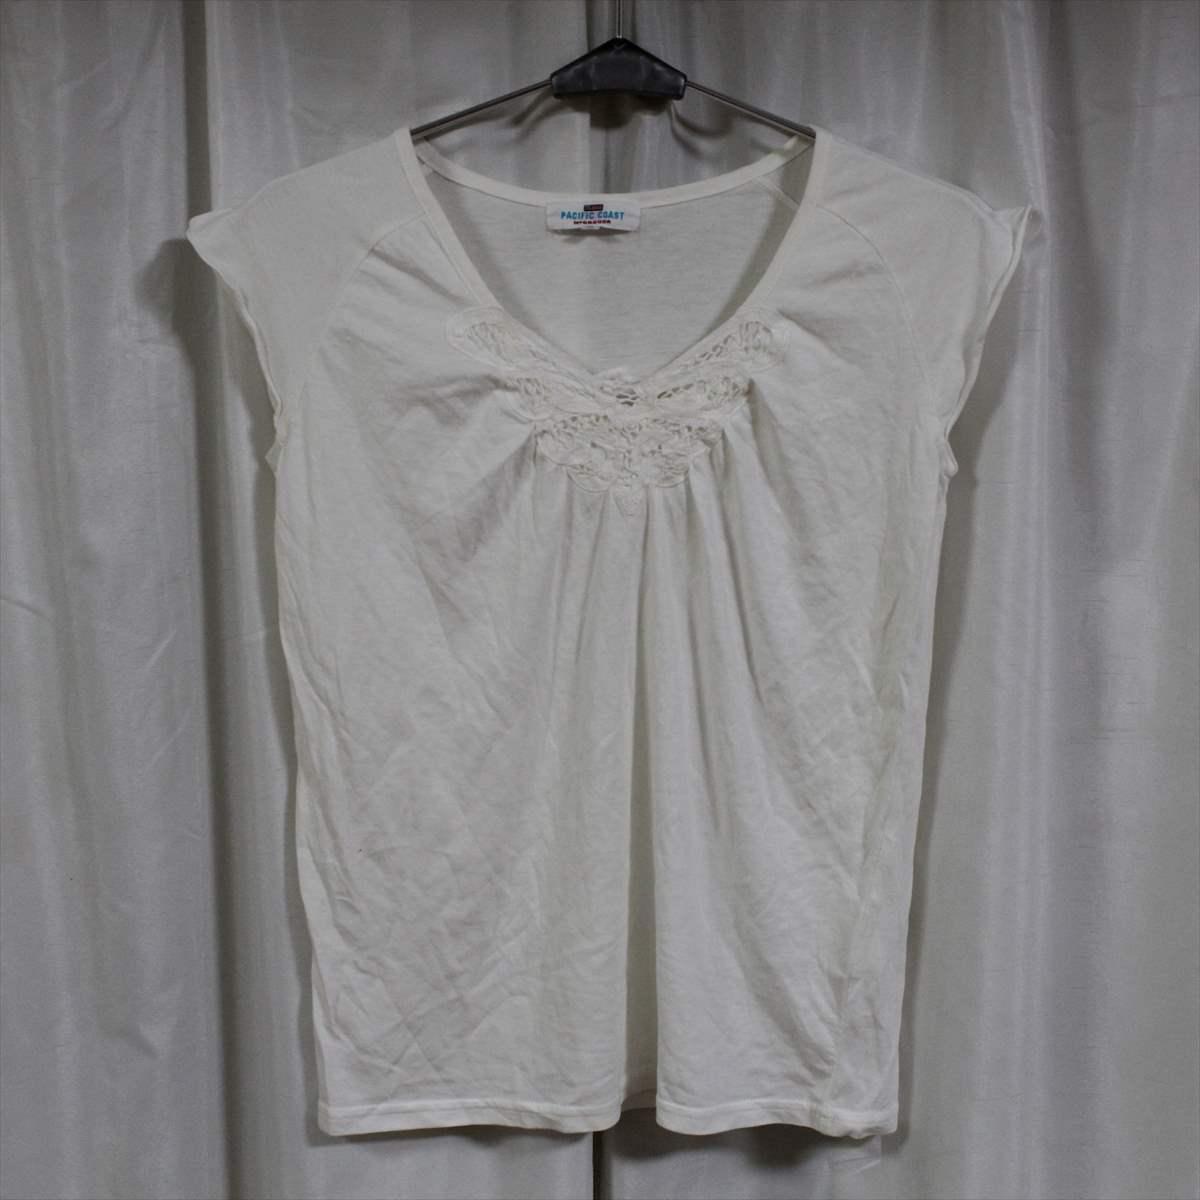 パシフィックコースト PACIFIC COAST レディース ノースリーブ Tシャツ アイボリー Mサイズ 新品 トップス_画像1